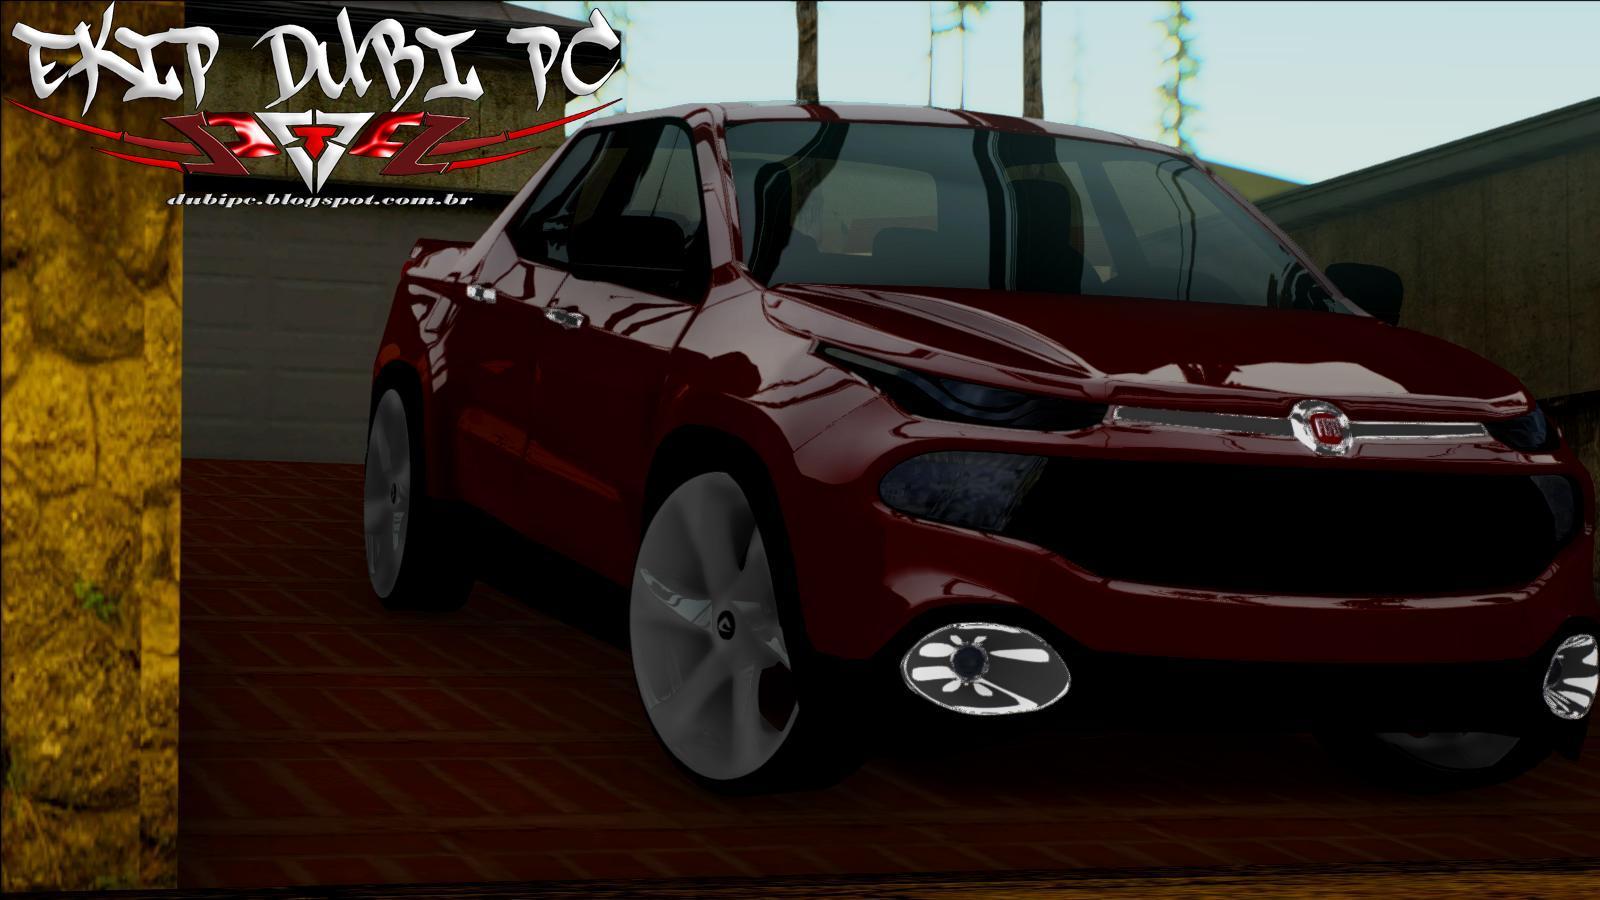 Fiat toro 12 cara preta by rnr 3d ekip dubi pc autor flash 3d dhioshy ds3d juan eloy altavistaventures Images